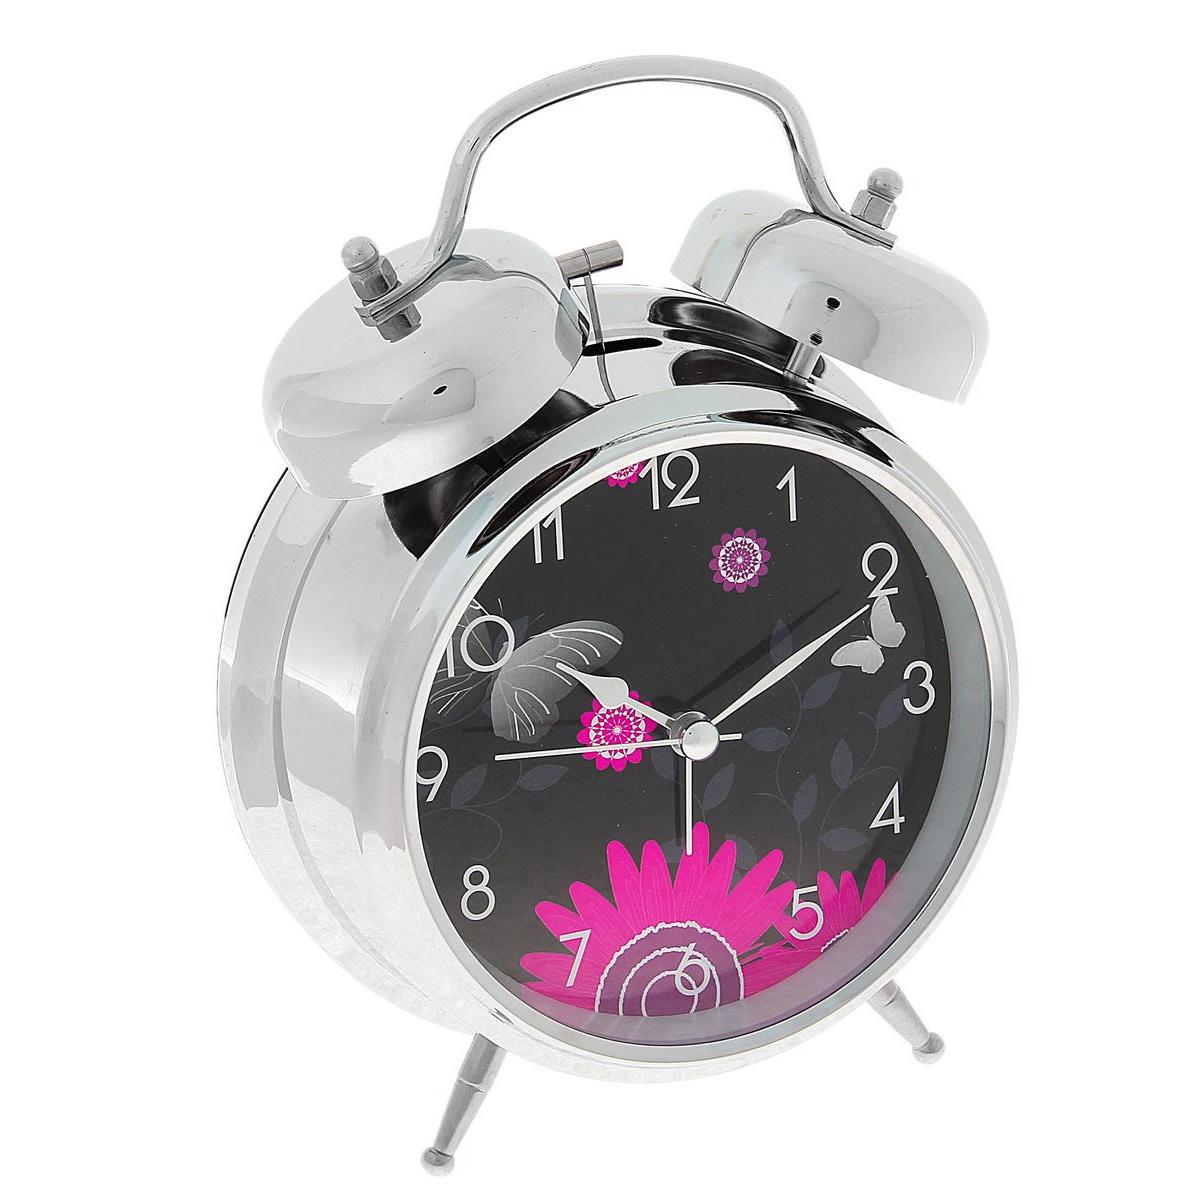 Часы-будильник Sima-land Цветы. 720865AEG WE 4125 schwarzКак же сложно иногда вставать вовремя! Всегда так хочется поспать еще хотя бы 5 минут и бывает, что мы просыпаем. Теперь этого не случится! Яркий, оригинальный будильник Sima-land Цветы поможет вам всегда вставать в нужное время и успевать везде и всюду.Корпус будильника выполнен из металла. Циферблат имеет индикацию арабскими цифрами. Часы снабжены 4 стрелками (секундная, минутная, часовая и для будильника). На задней панели будильника расположен переключатель включения/выключения механизма, а также два колесика для настройки текущего времени и времени звонка будильника. Также будильник оснащен кнопкой, при нажатии которой подсвечивается циферблат.Пользоваться будильником очень легко: нужно всего лишь поставить батарейки, настроить точное время и установить время звонка. Необходимо докупить 2 батарейки типа АА (не входят в комплект).